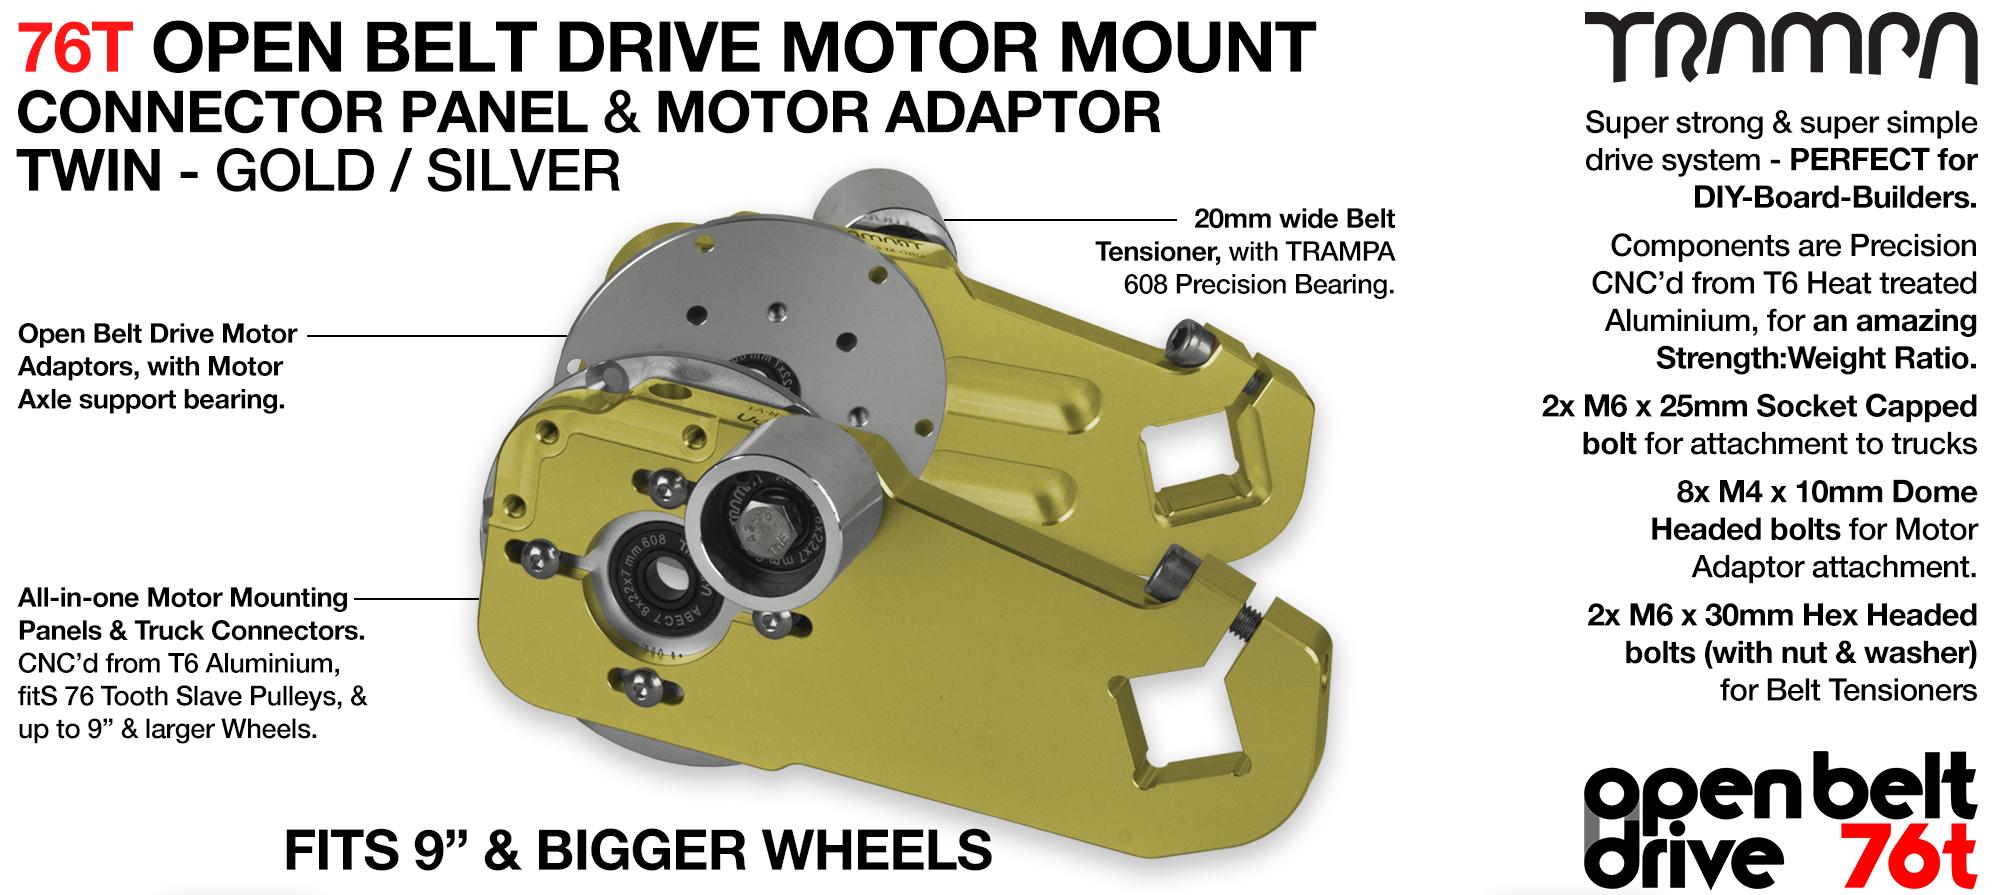 76T Open Belt Drive Motor Mount & Motor Adaptor - TWIN GOLD